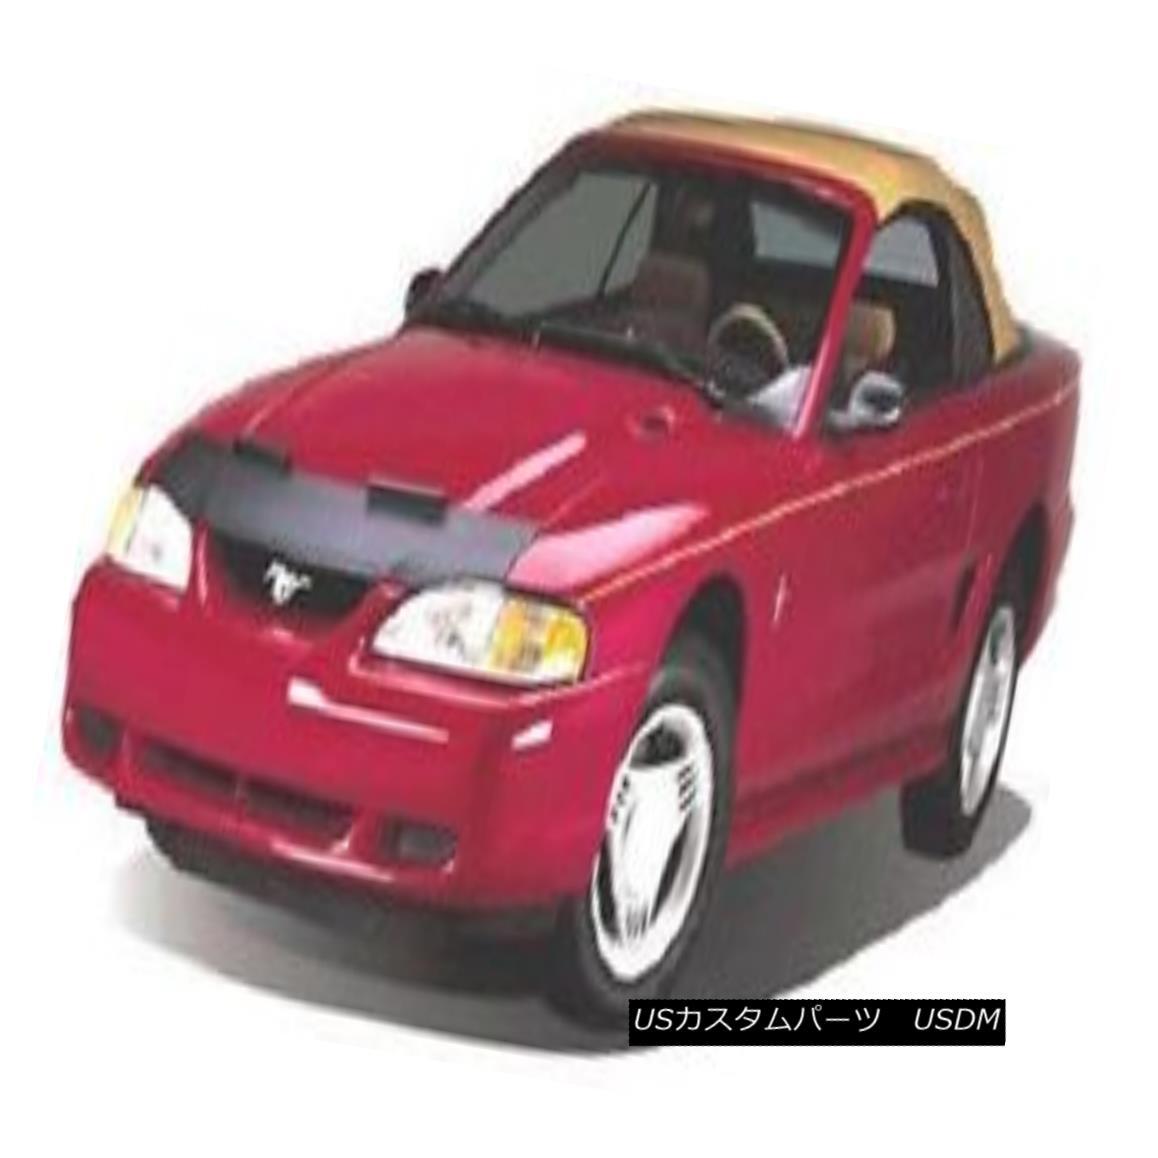 USフルブラ・USノーズブラ Mini Mask Bra Hood cover mask Fits Subaru Forester 2001 2002 ミニマスクブラフードカバーマスクスバルフォレスター2001にフィット2002